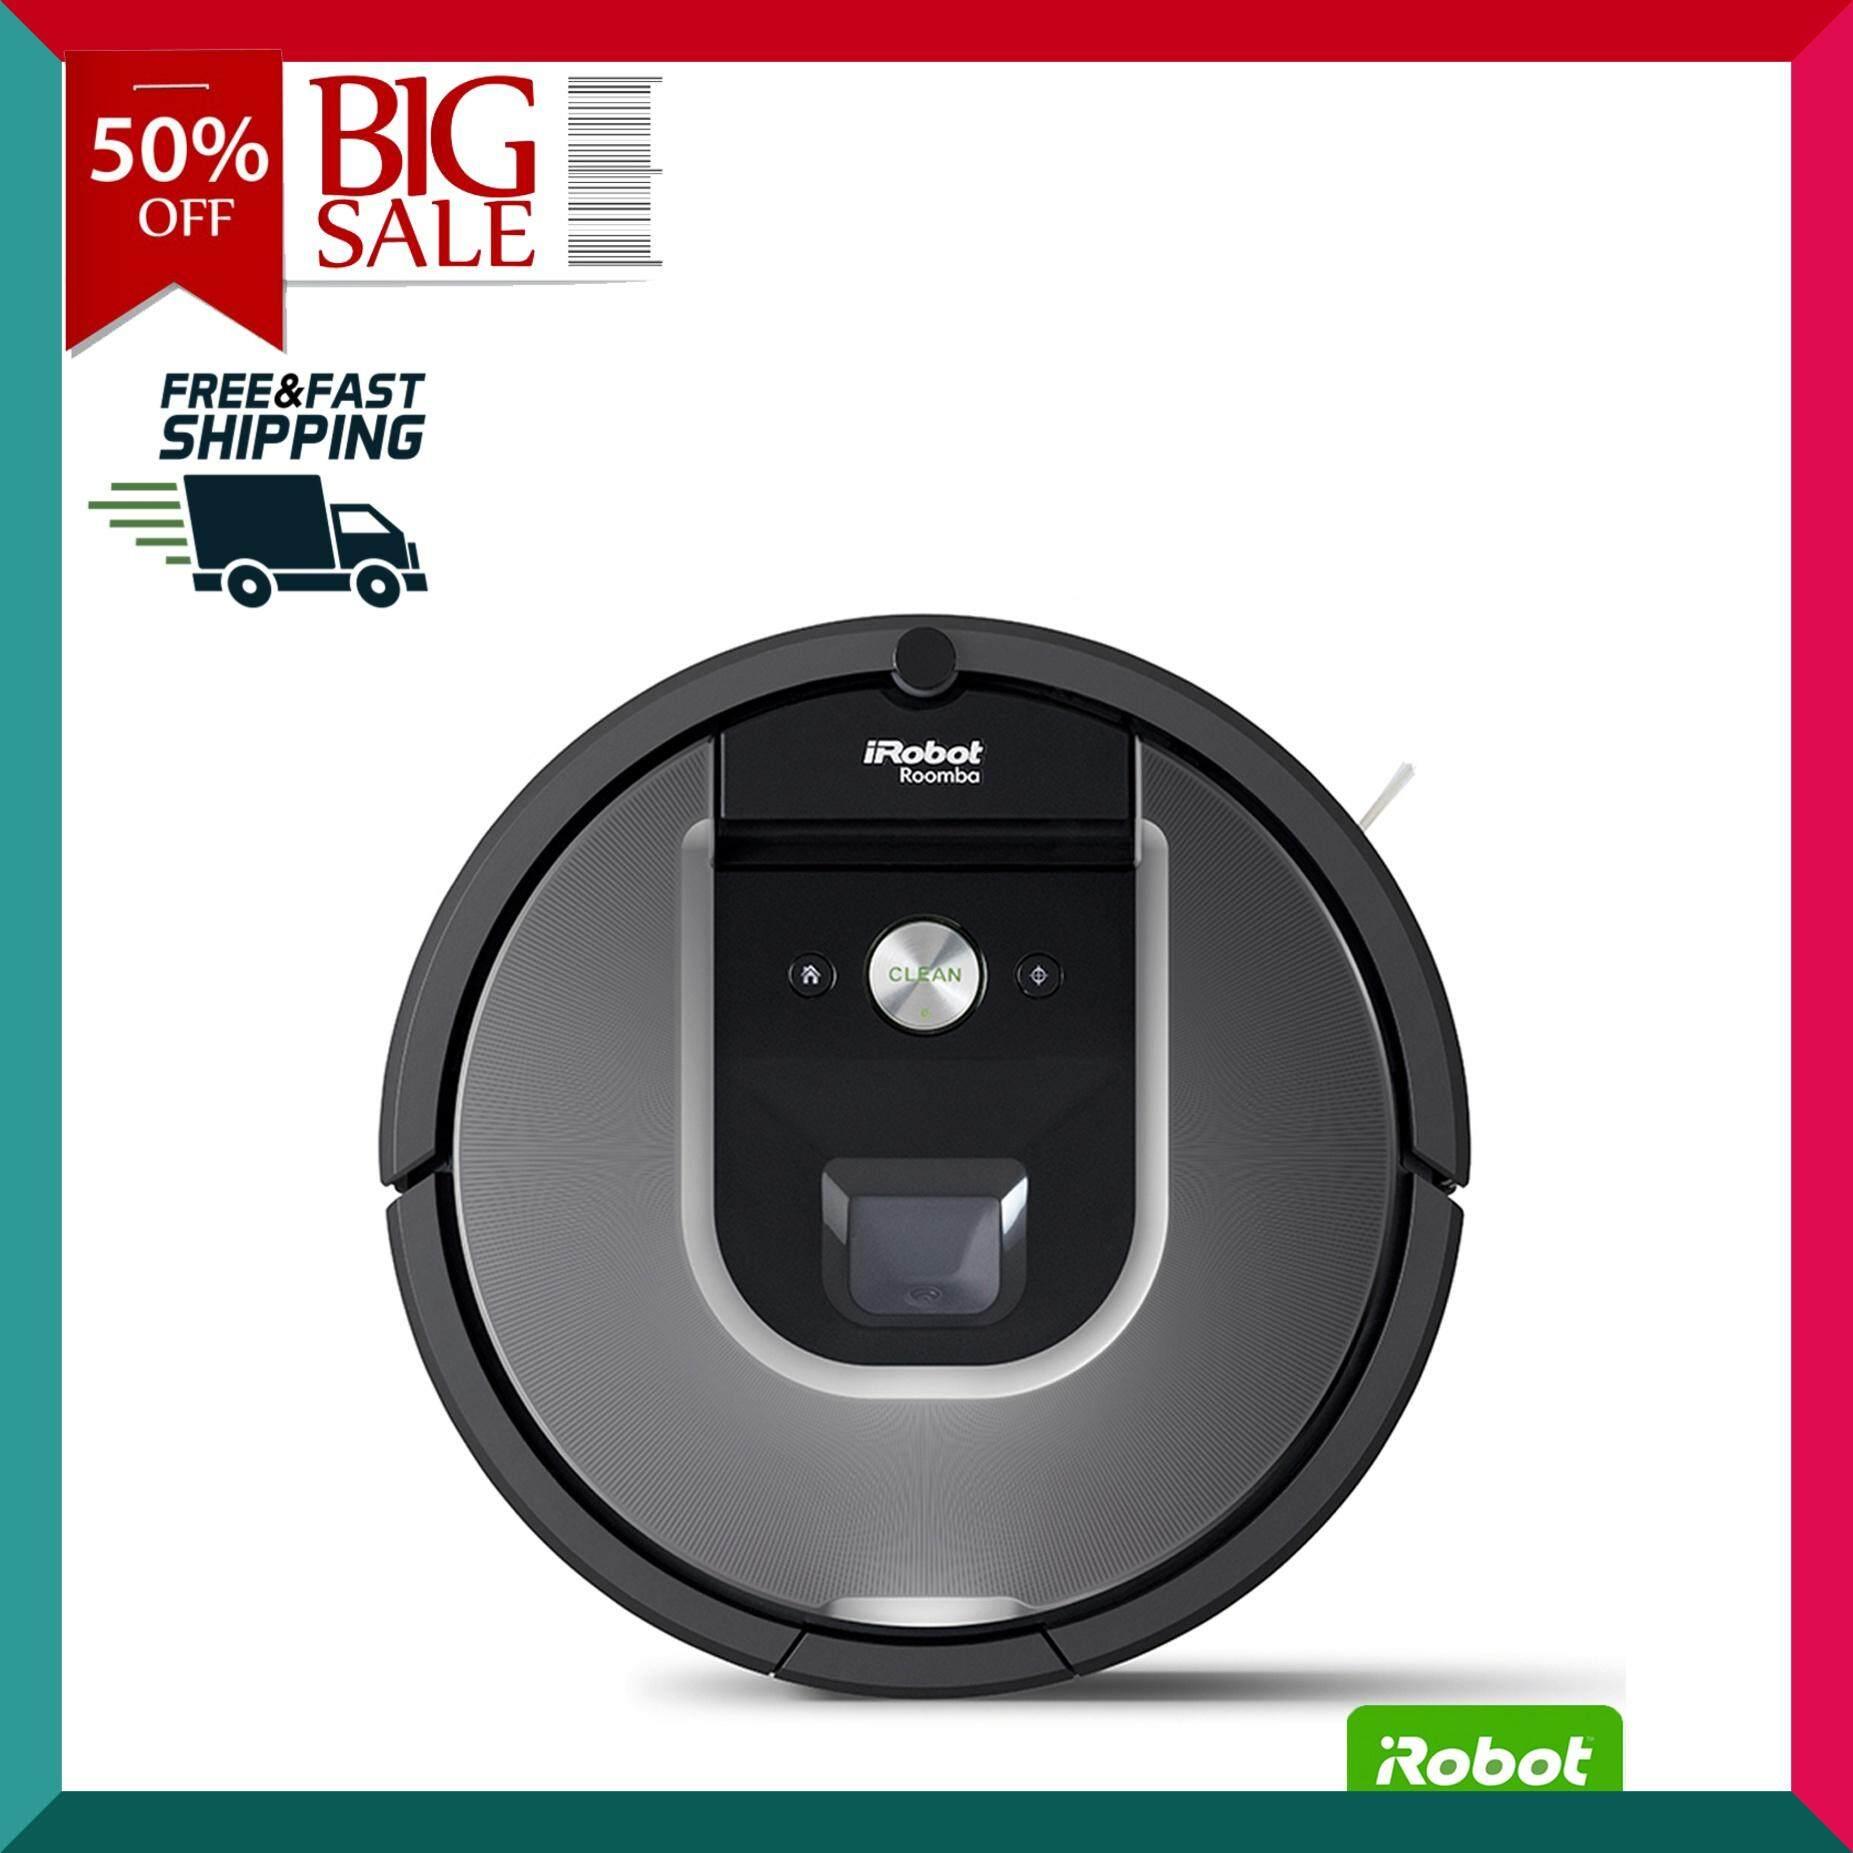 IROBOT หุ่นยนต์ทำความสะอาด รุ่น Roomba 960 เครื่องดูดฝุ่นอัตโนมัติ หุ่นยนต์ดูดฝุ่น เครื่องดูดฝุ่น เครื่องทำความสะอาด Vacuum Cleaner สินค้าคุณภาพ Premium !!! จัดส่งฟรี